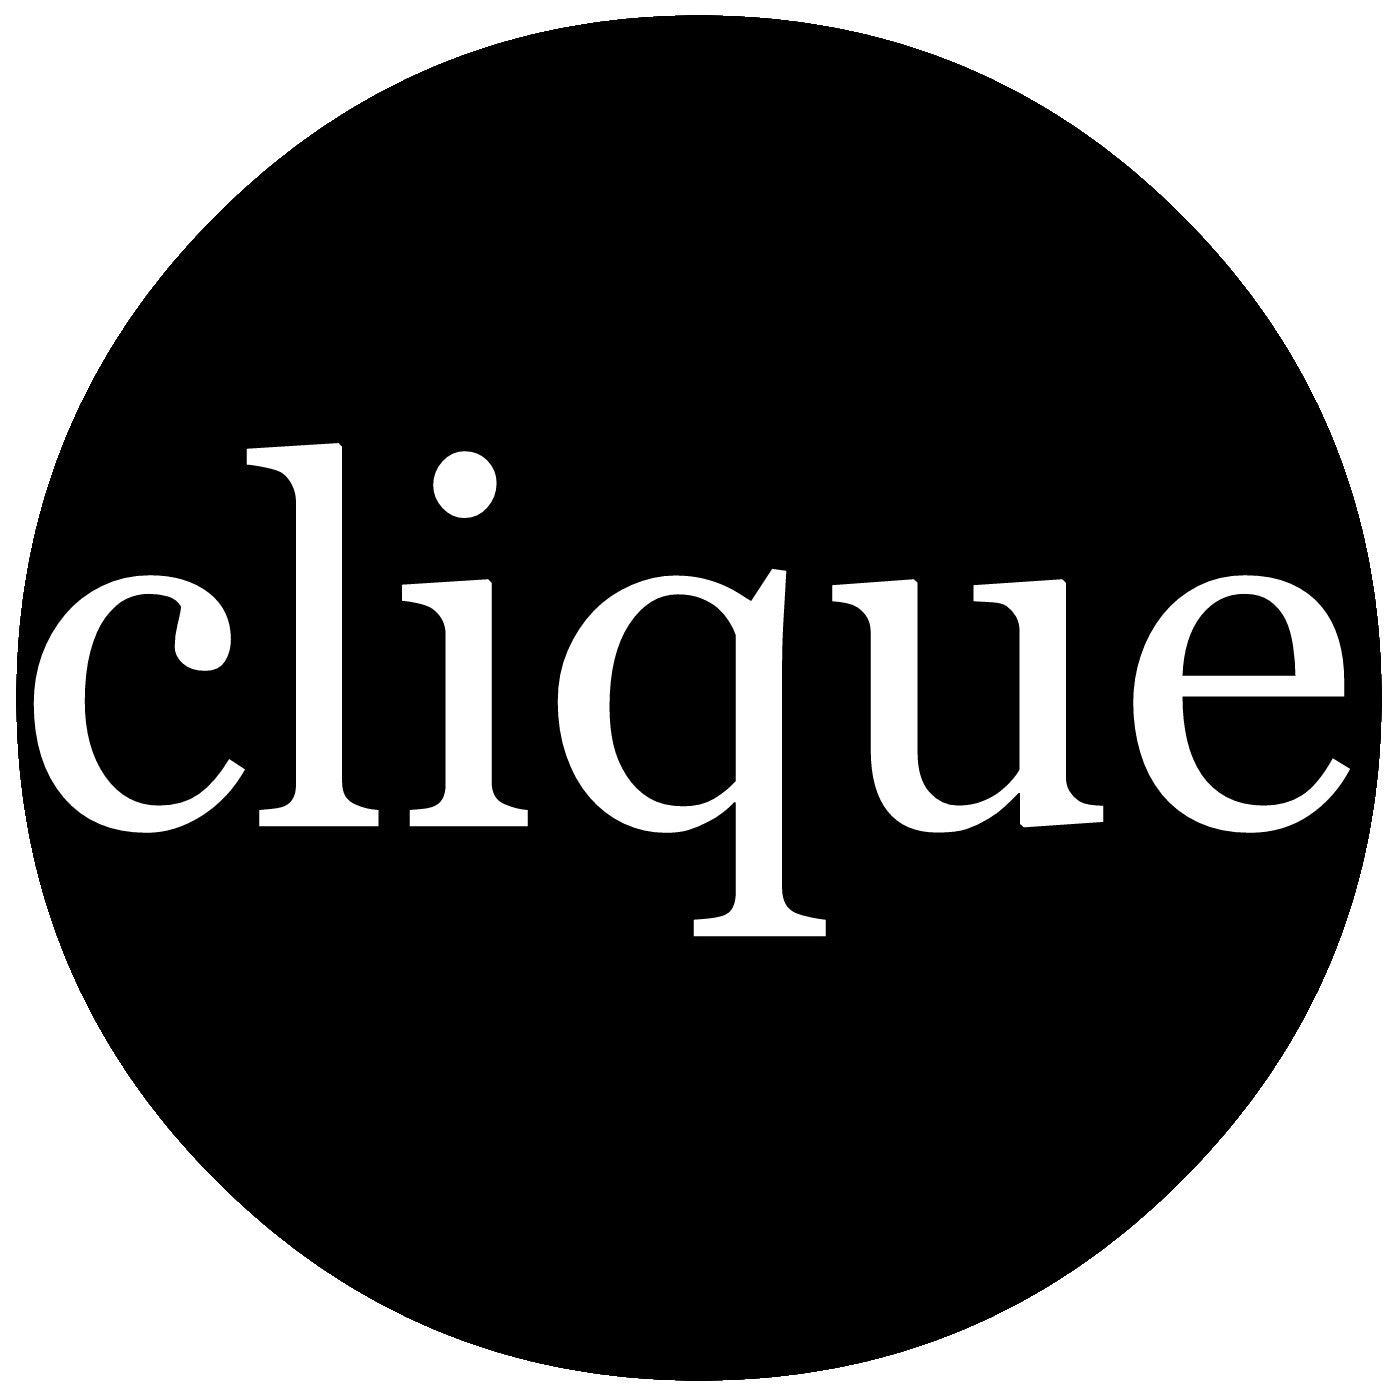 Clique Boutique Style & Elegance for Apple von Cliqueshops auf Etsy